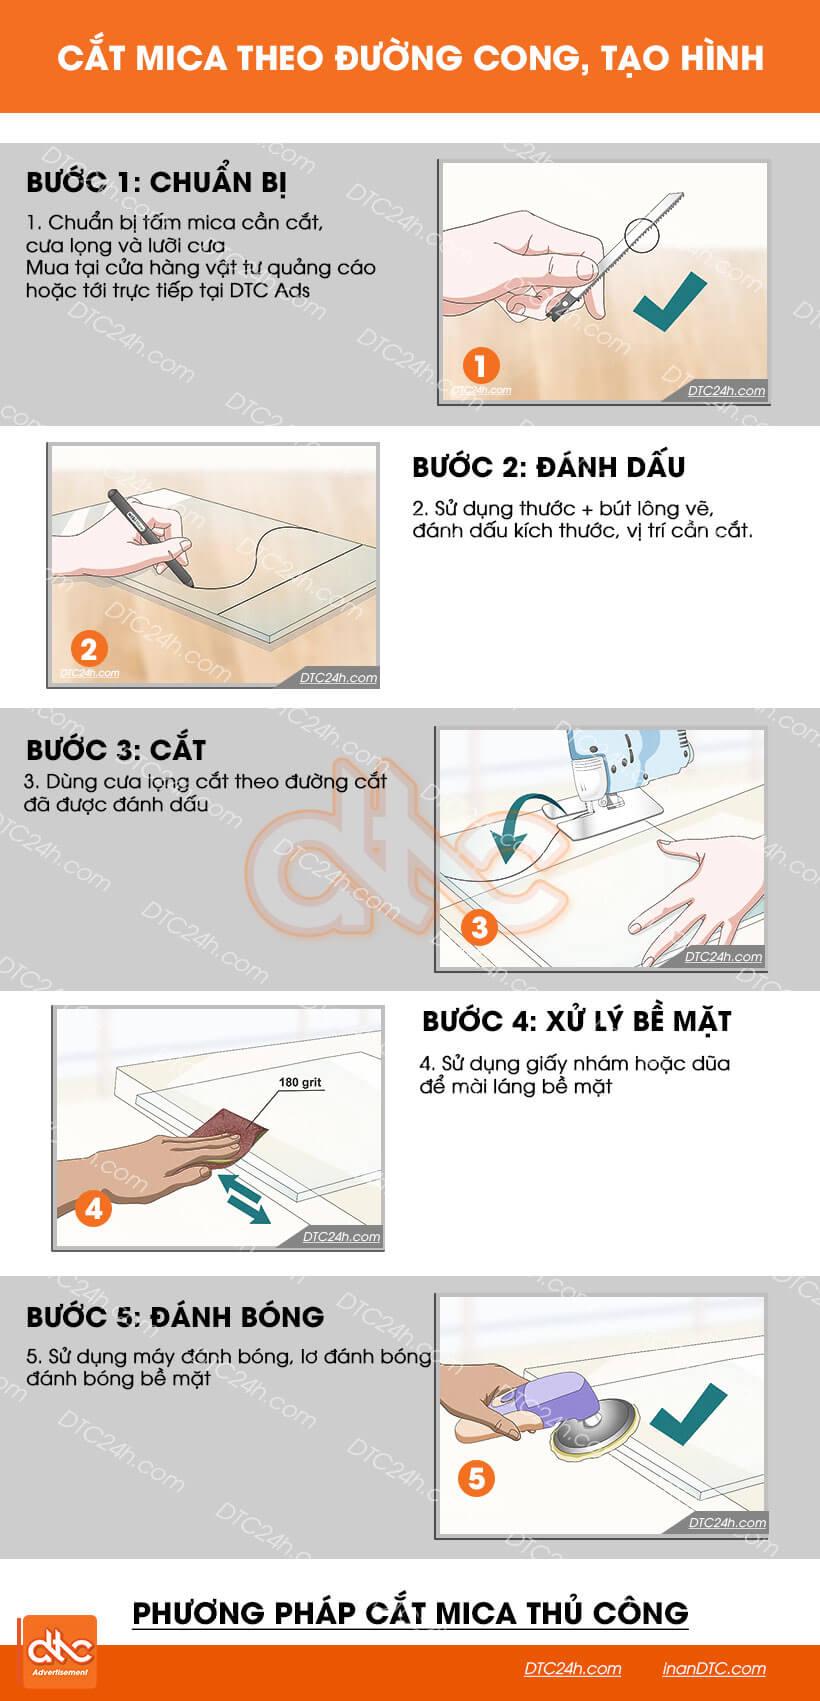 Hướng dẫn cắt mica theo đường cong